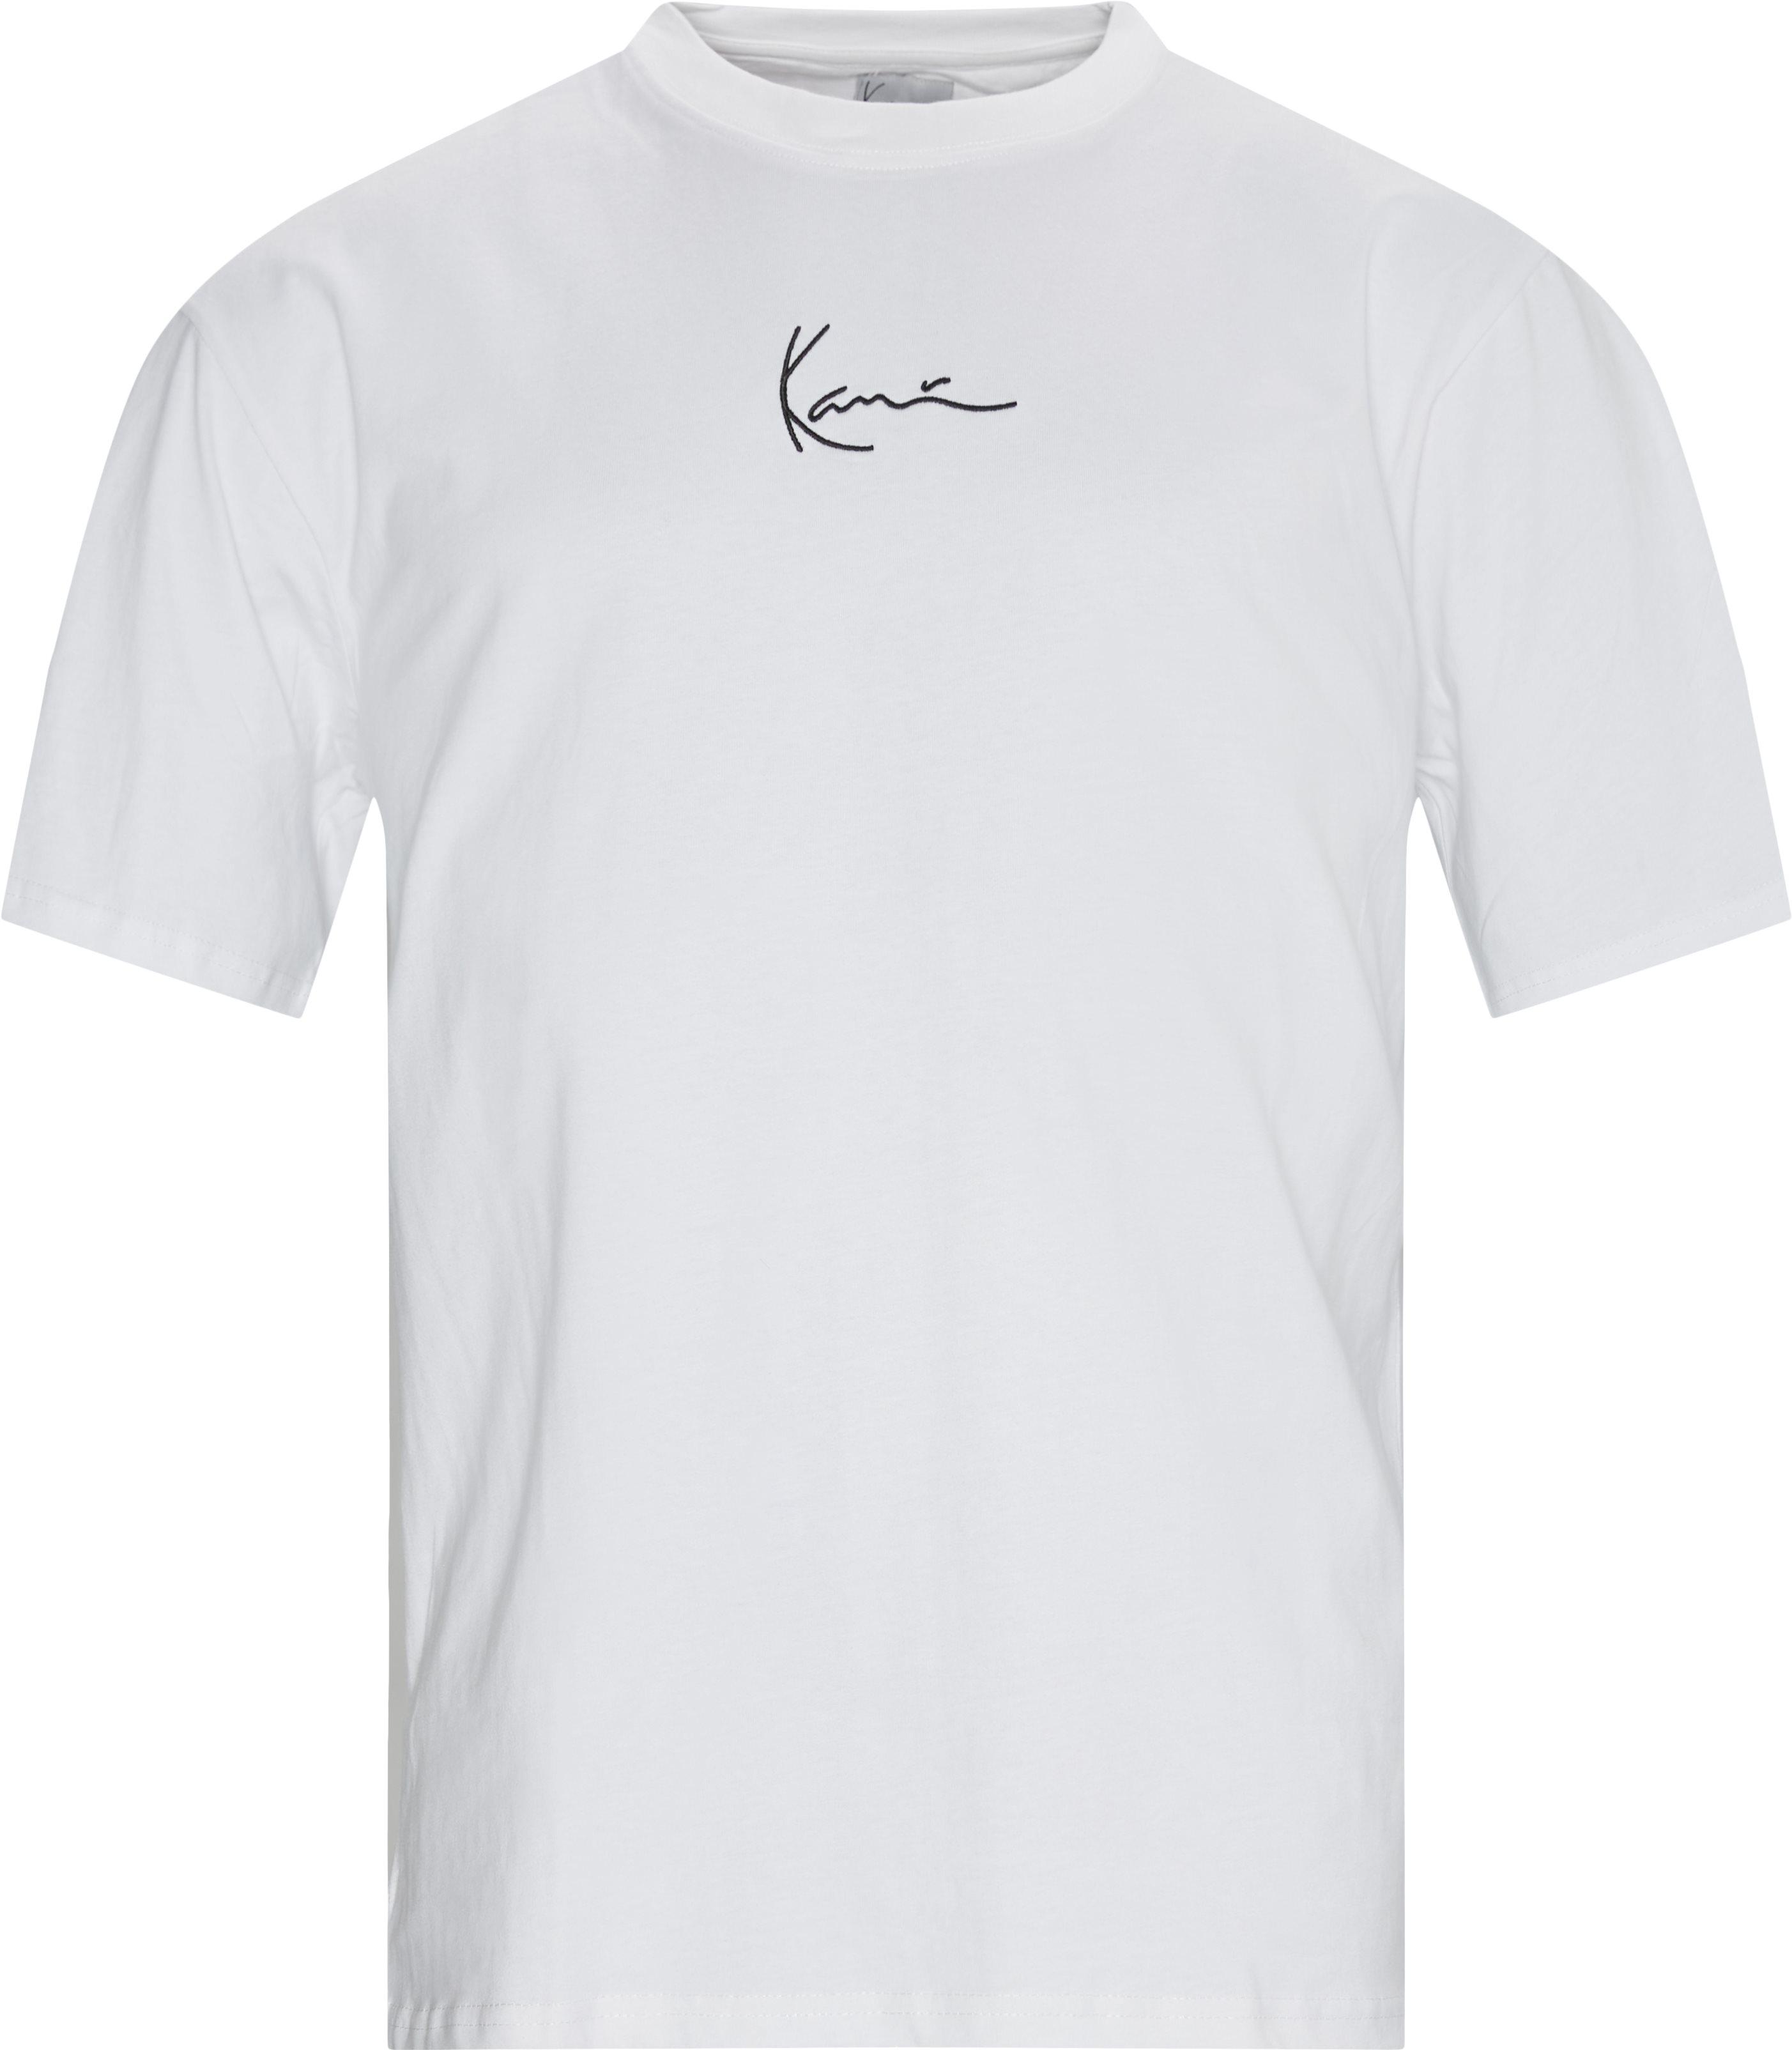 Small Signature Tee - T-shirts - Regular - White